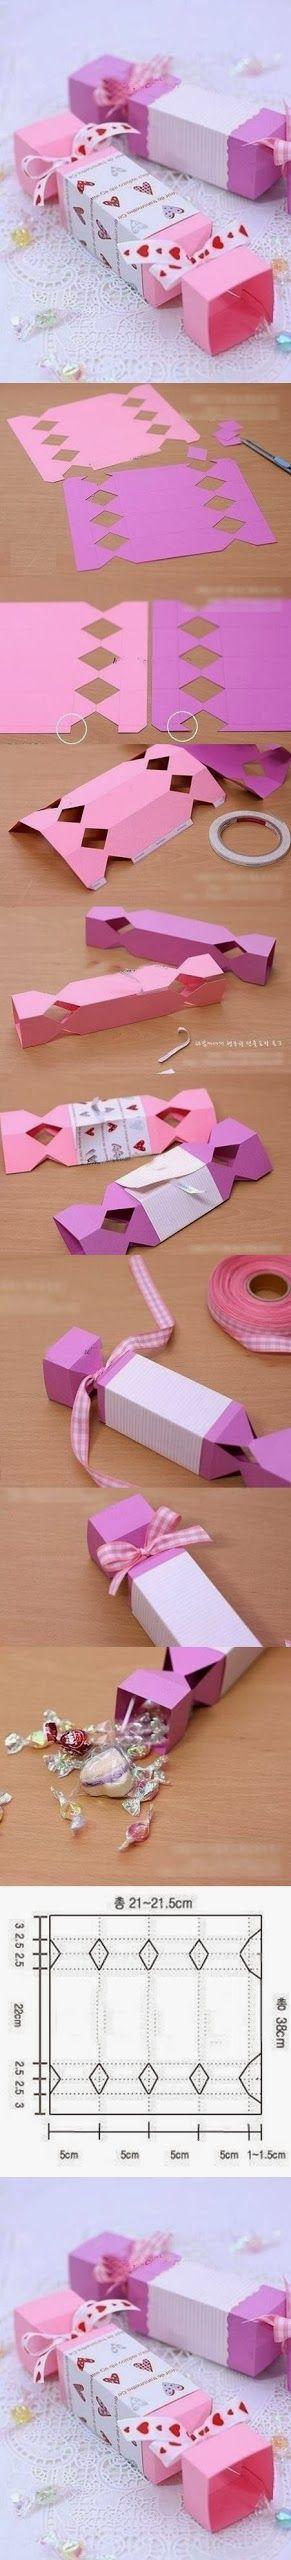 DIY : Cute Candy Gift Box   DIY & Crafts Tutorials